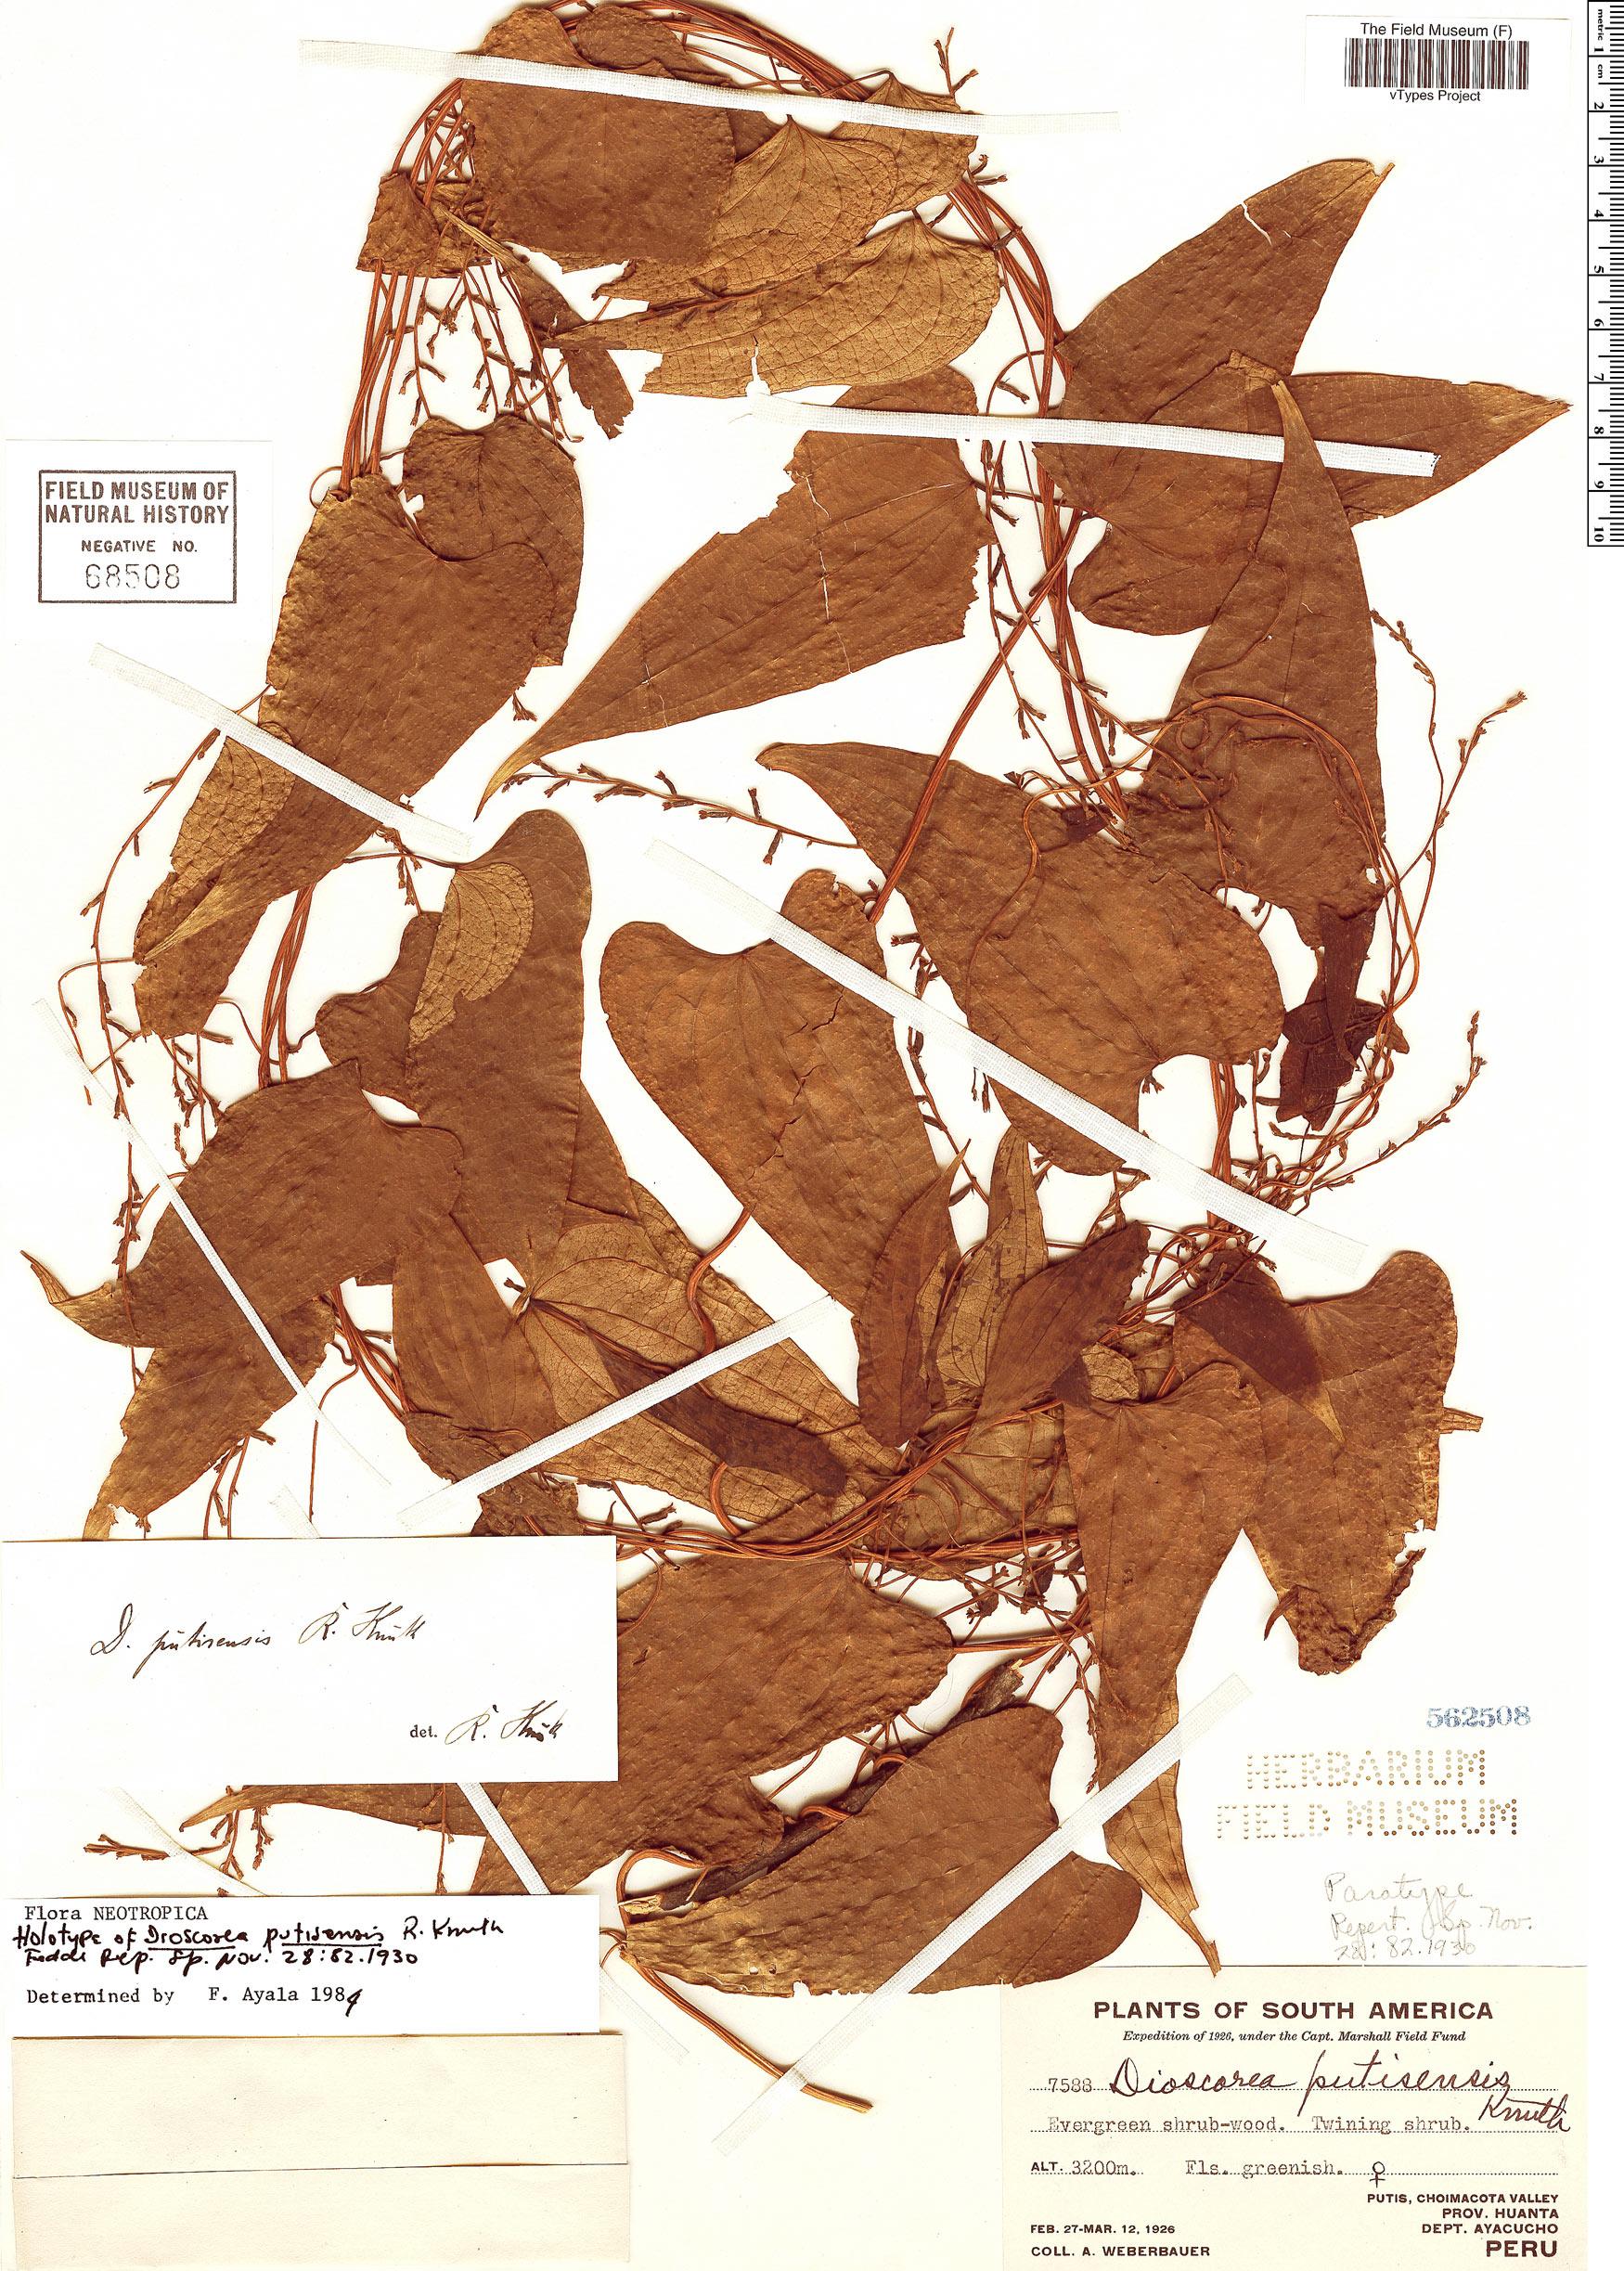 Specimen: Dioscorea putisensis